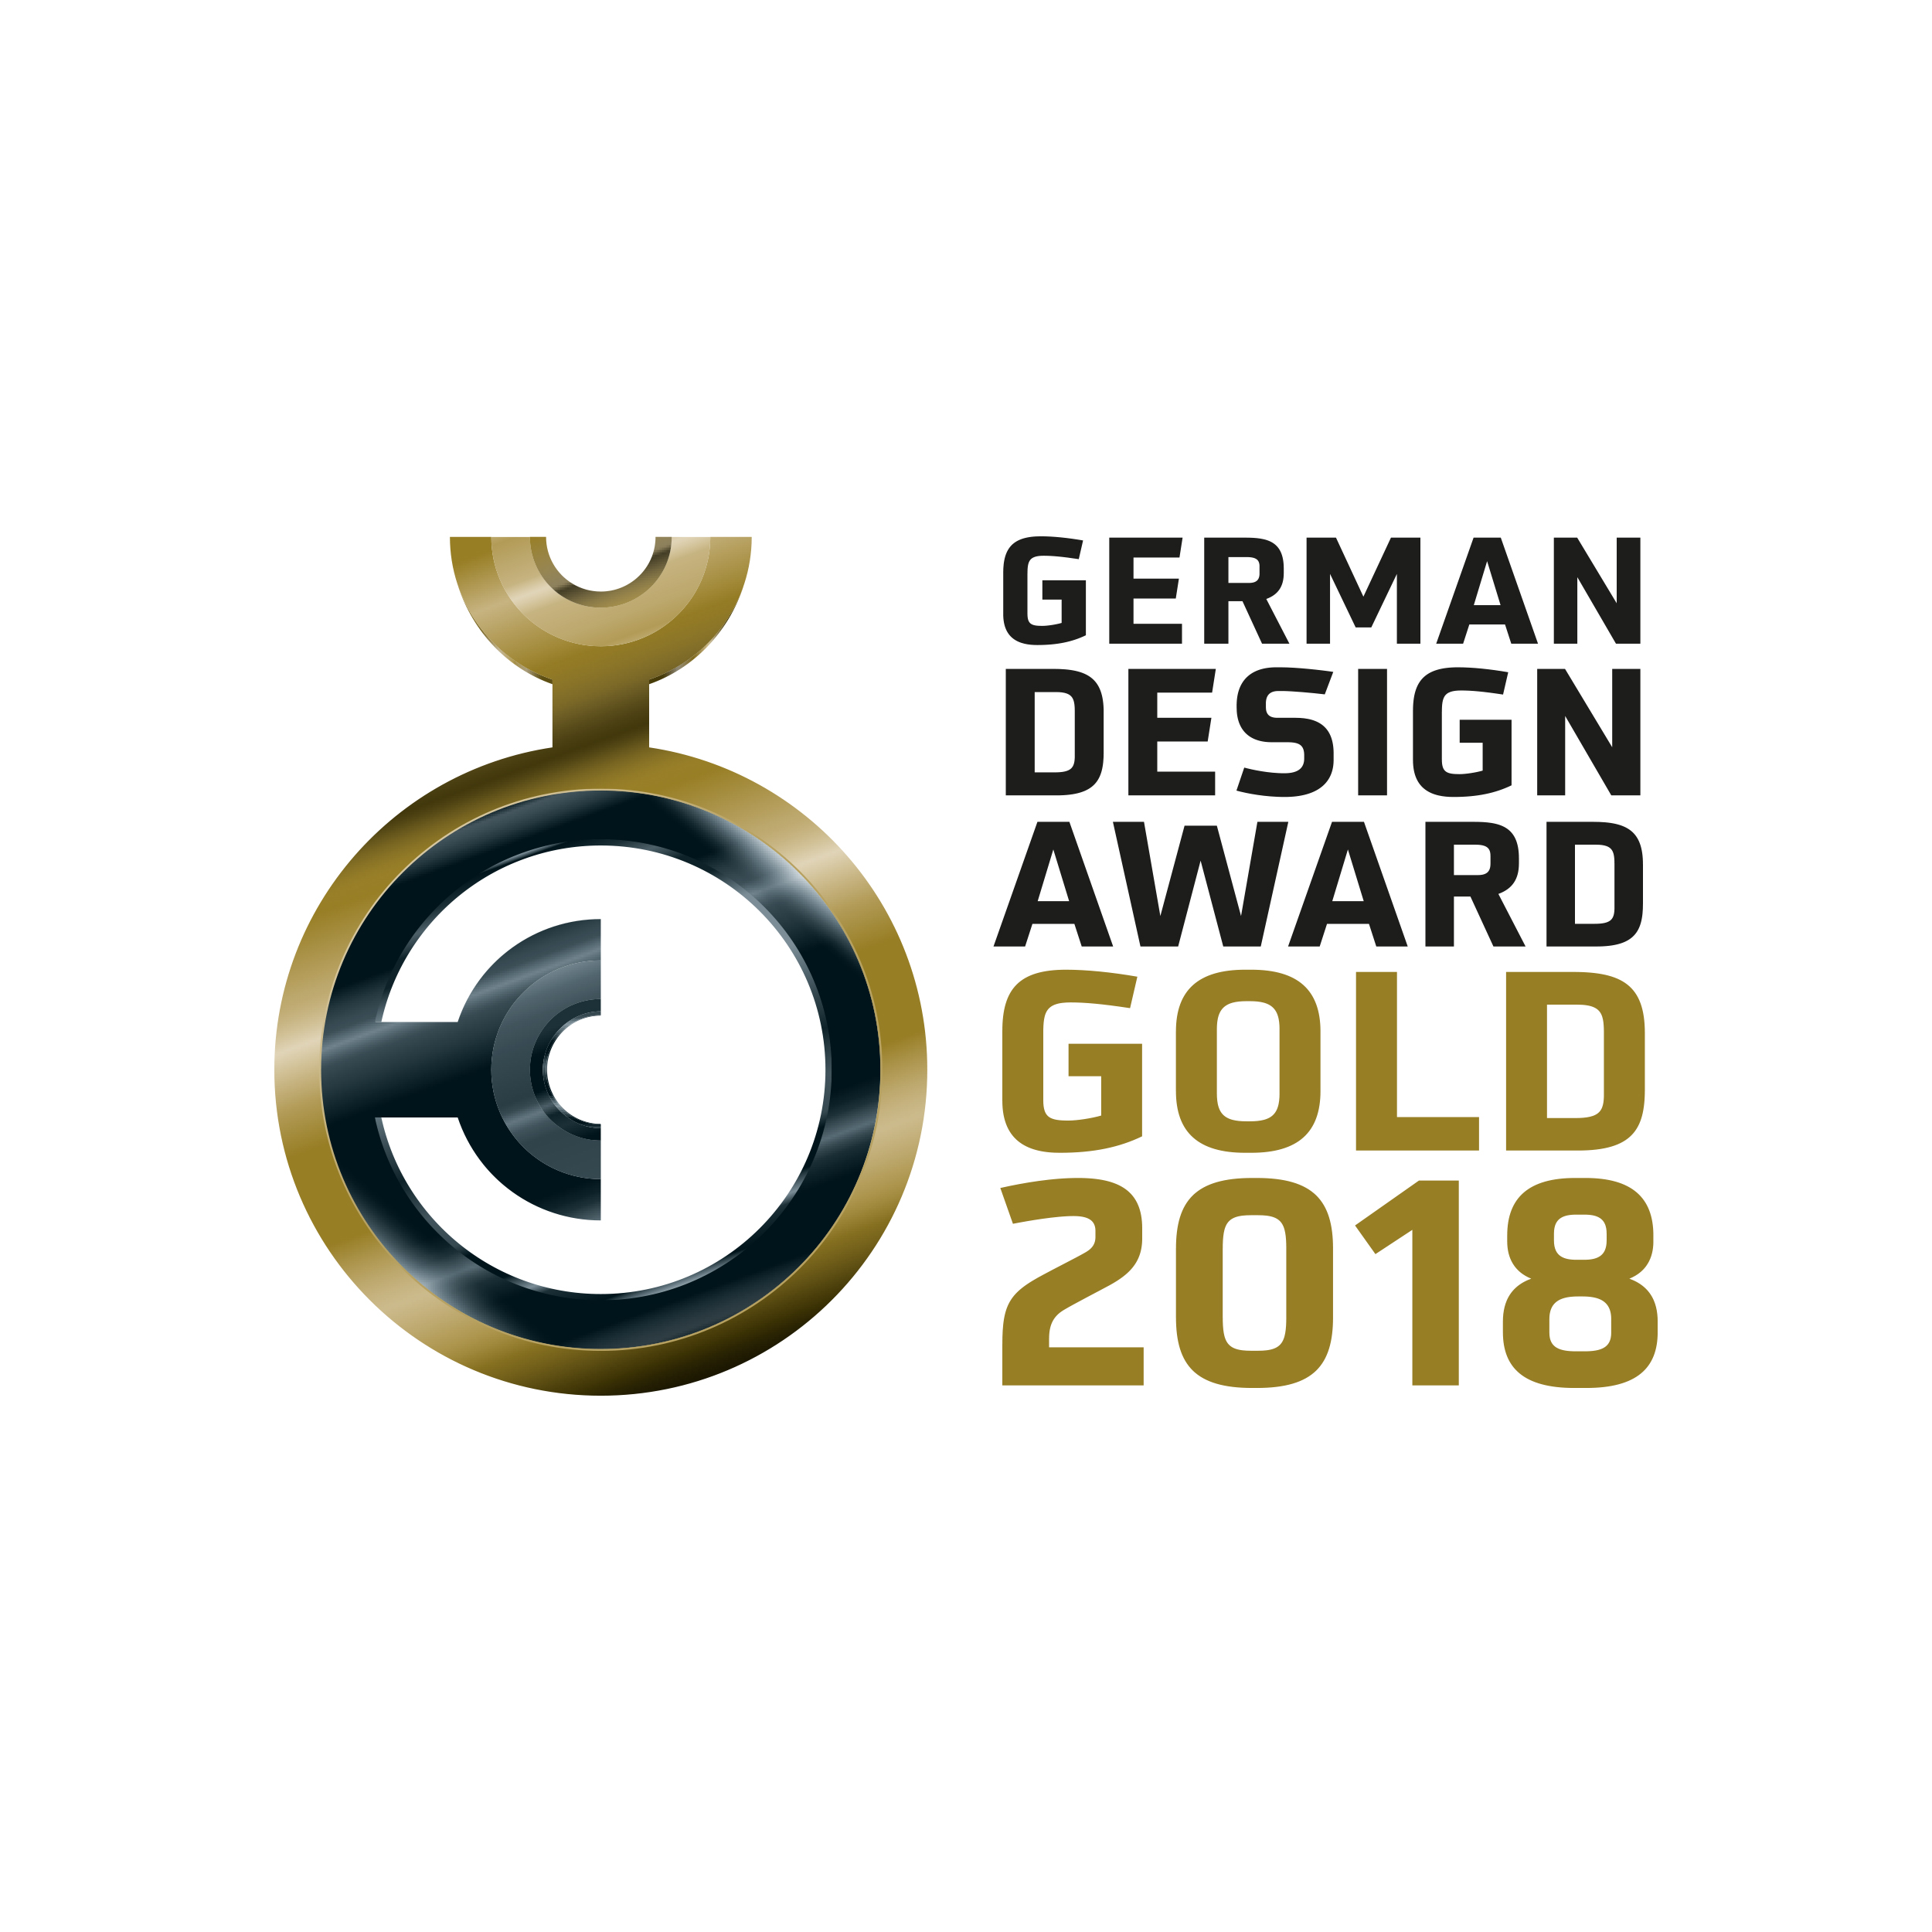 German Design Award 2018 - Gold, Wakufuru - Kauppi & Kauppi